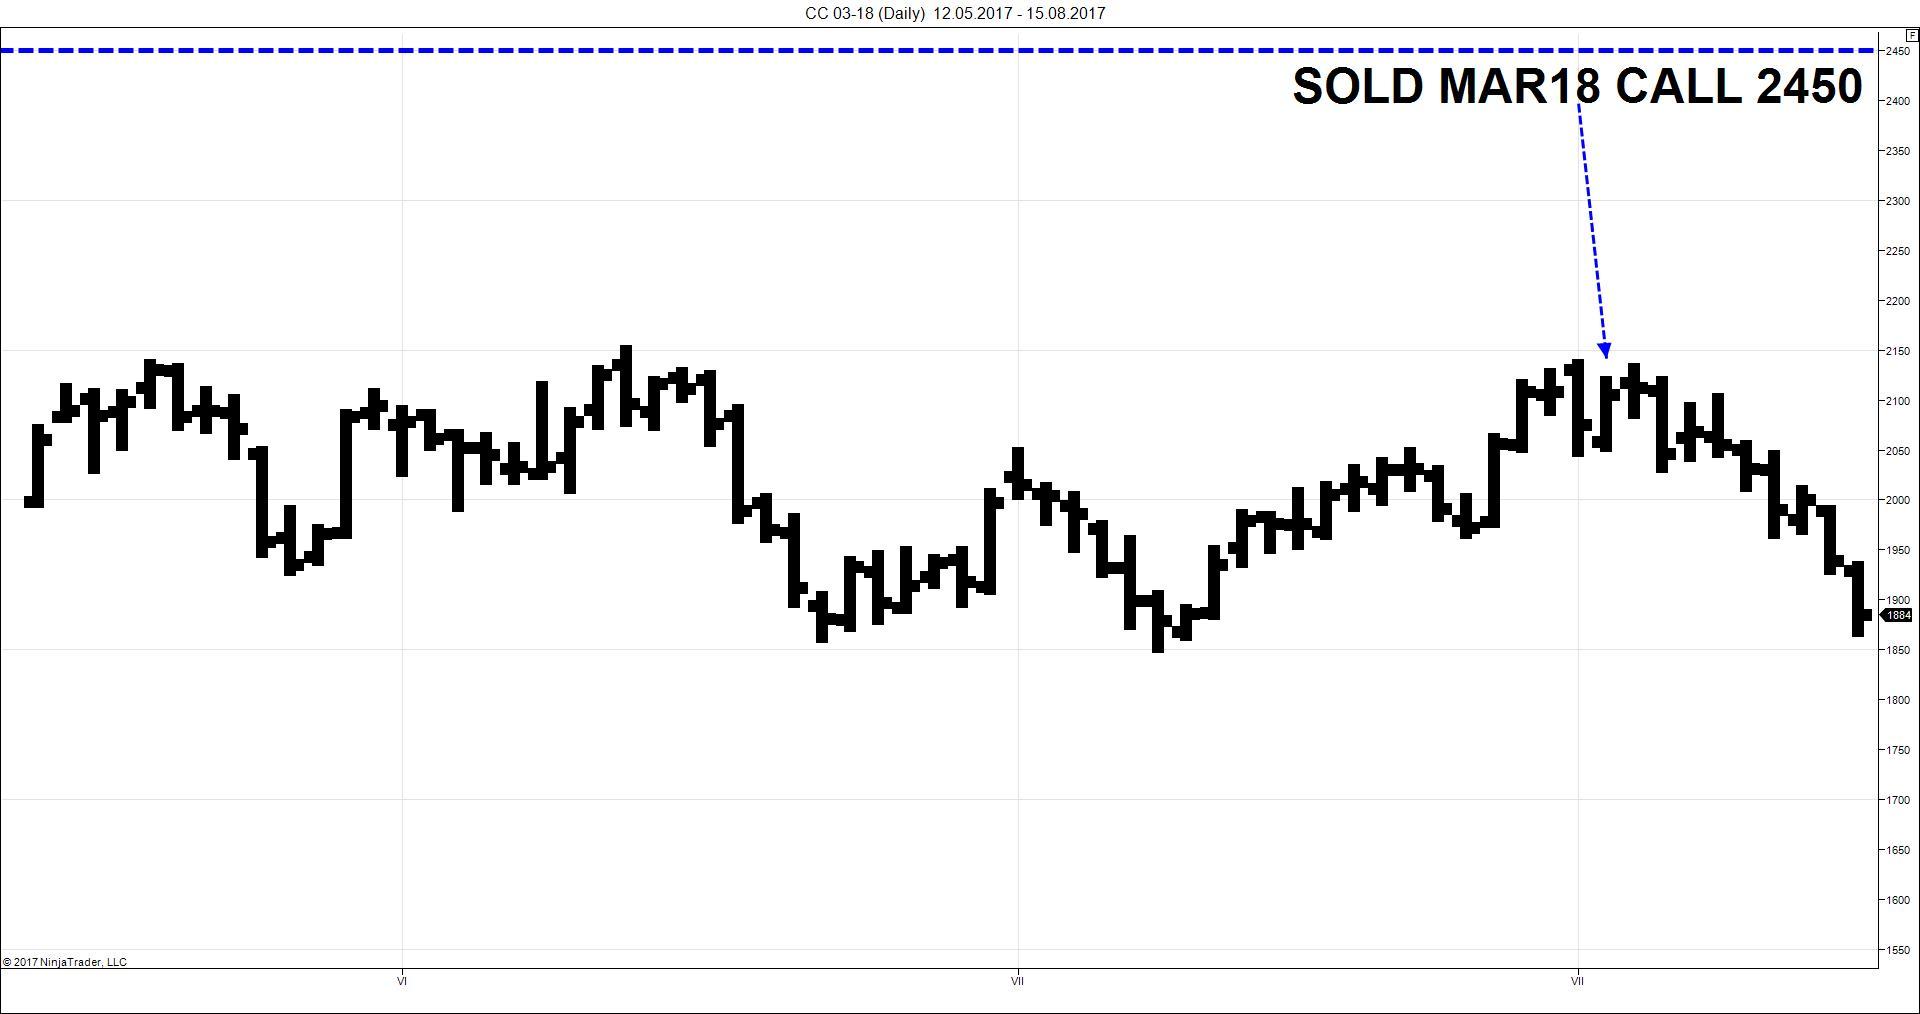 cca-sold-calls